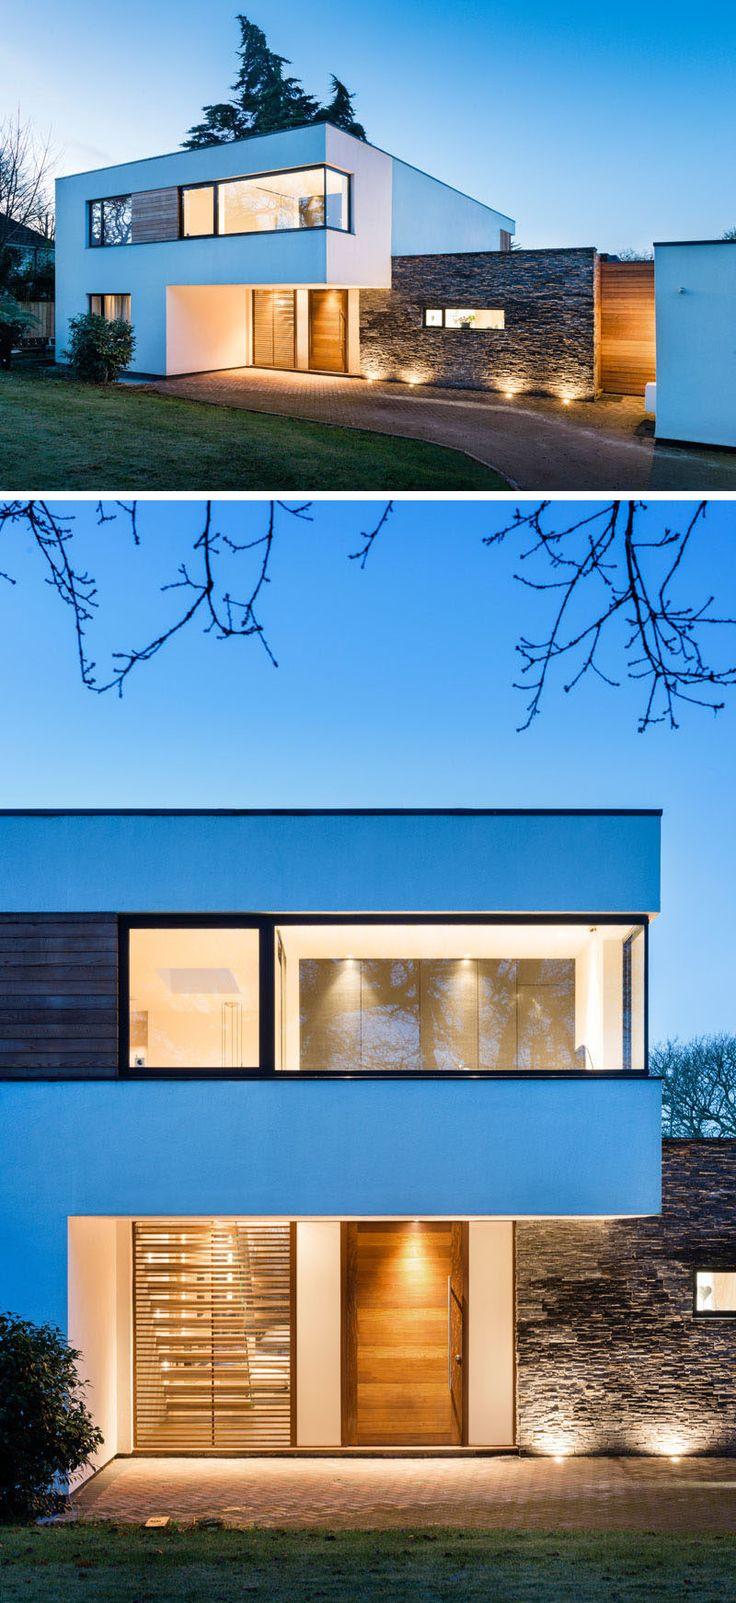 552 best Casas images on Pinterest | Architecture, Architecture ...